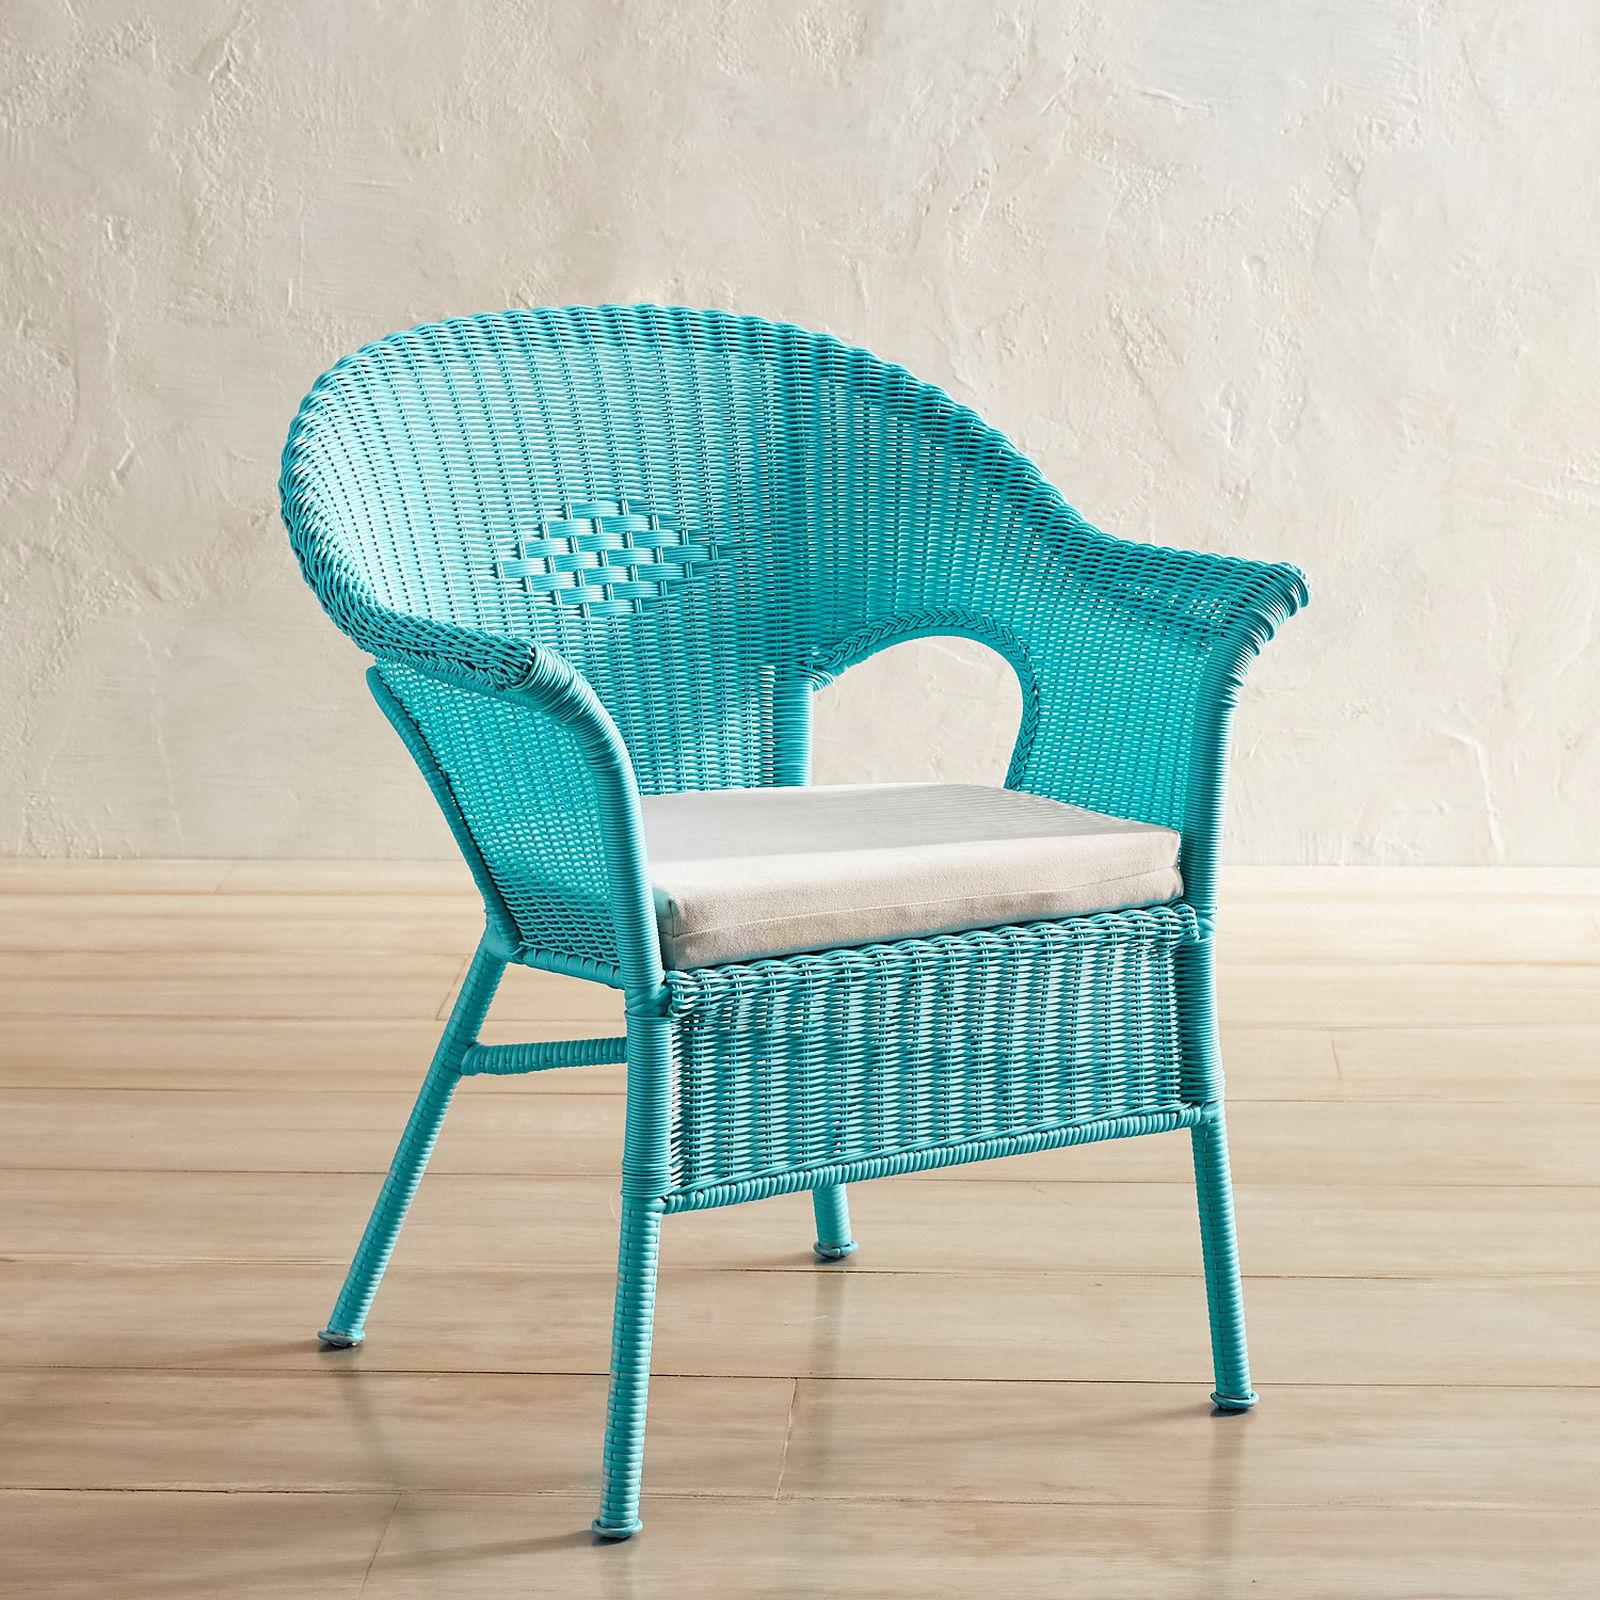 Patio Chair Cushion Storage